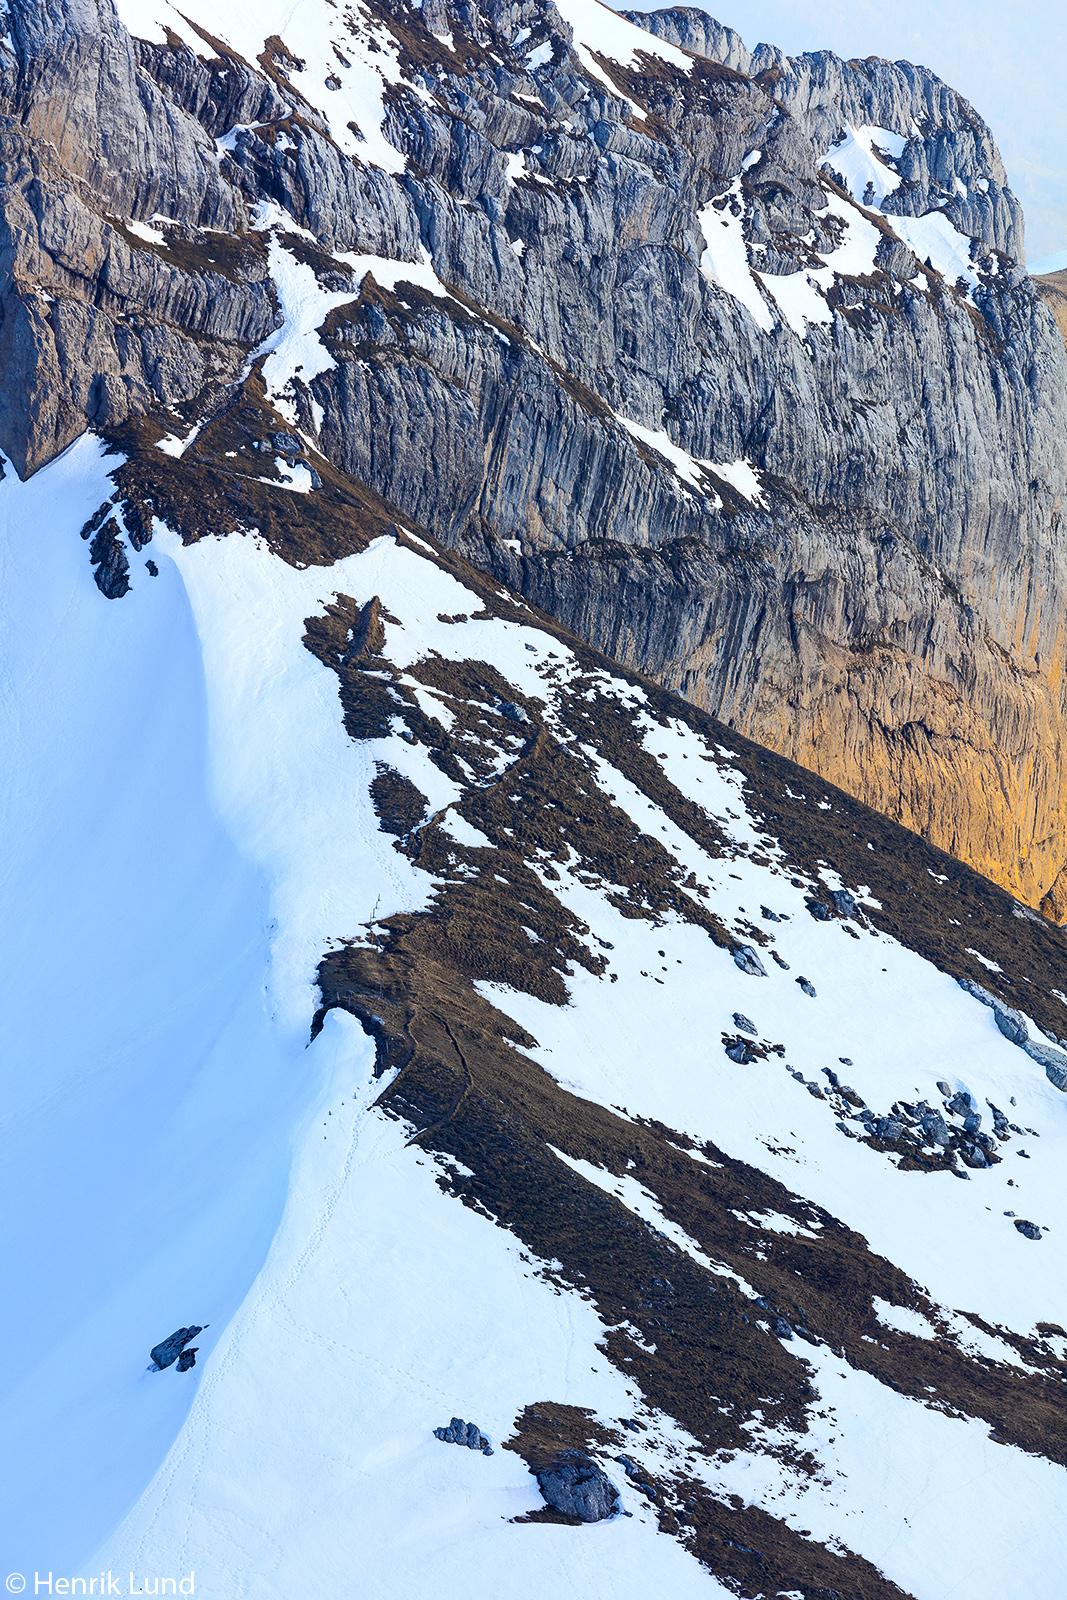 Mount Matthorn seen from mount Pilatus in evening light. Lucerne, Switzerland. April 2018.